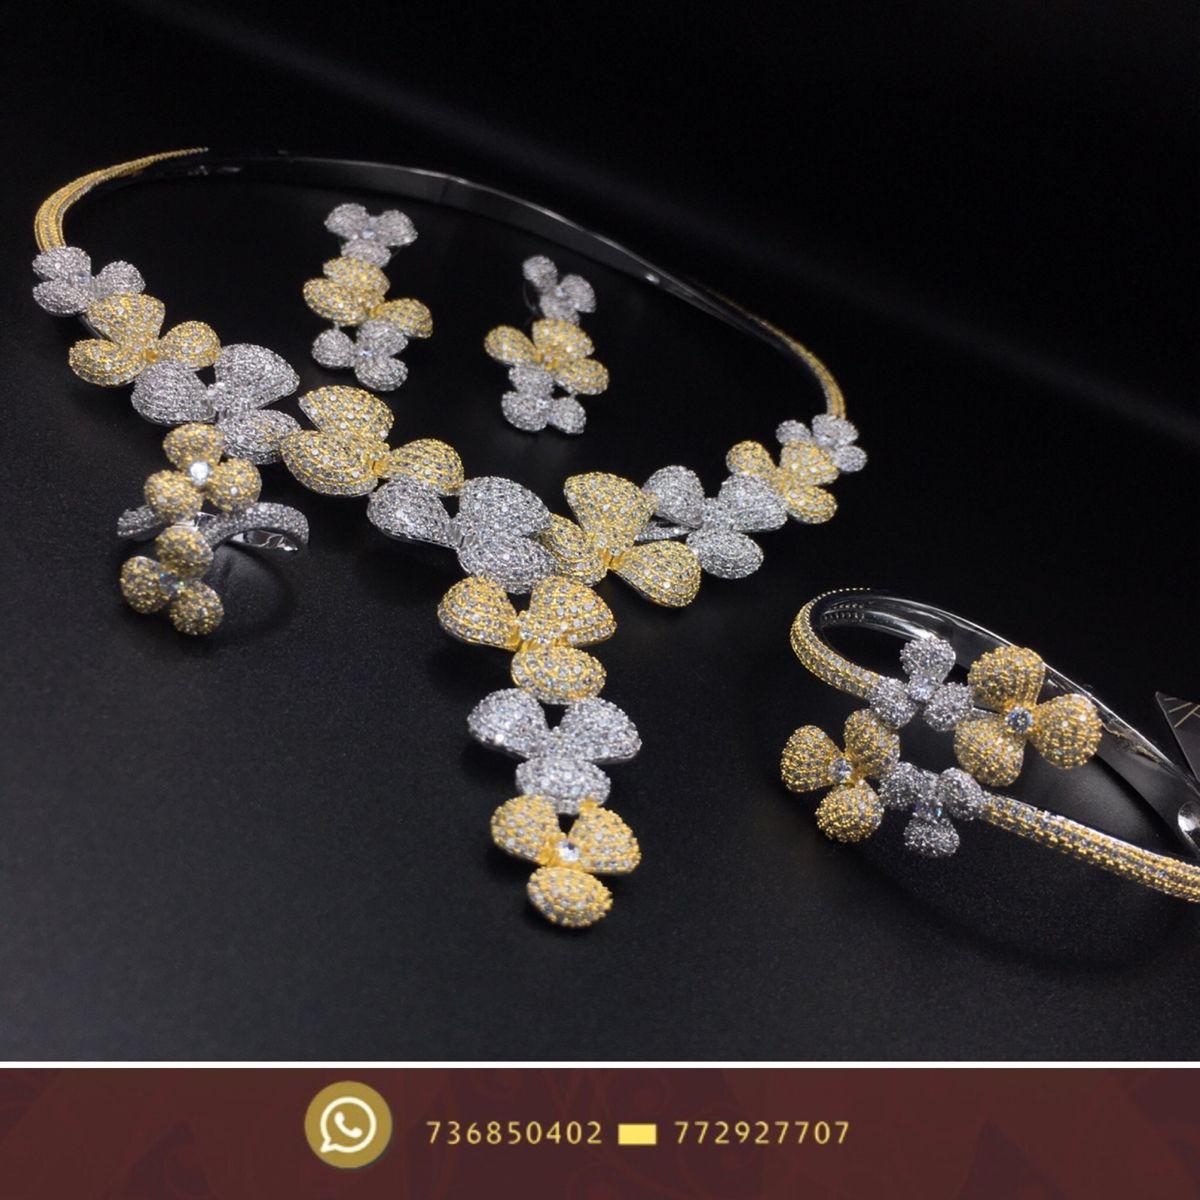 اطقم نسائية زركون فضة طقم صنعاء هداياء عروسة زفاف Pandora Charm Bracelet Pandora Charms Charm Bracelet